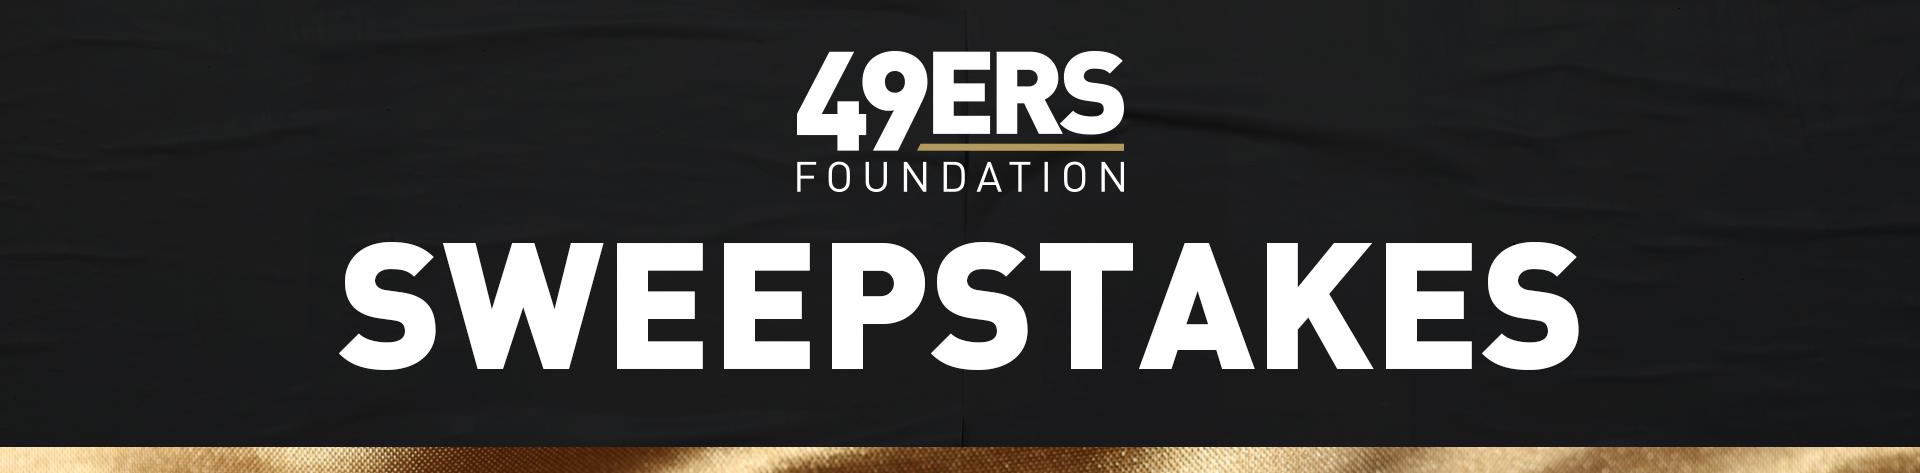 49ersFoundation-Sweepstakes-WebHeader